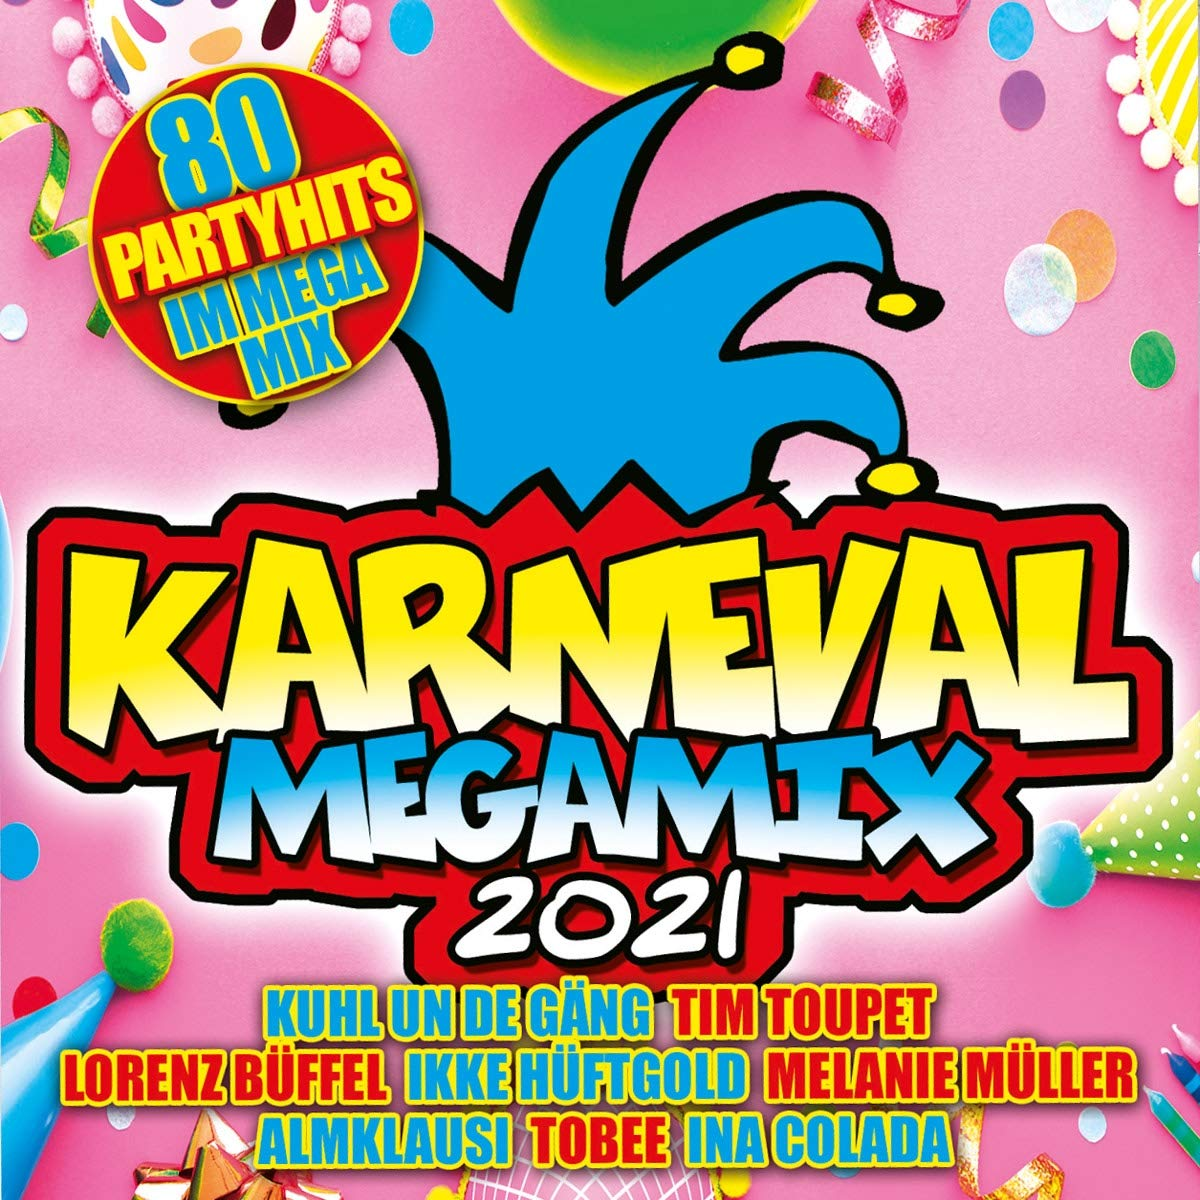 Karneval Megamix 2021